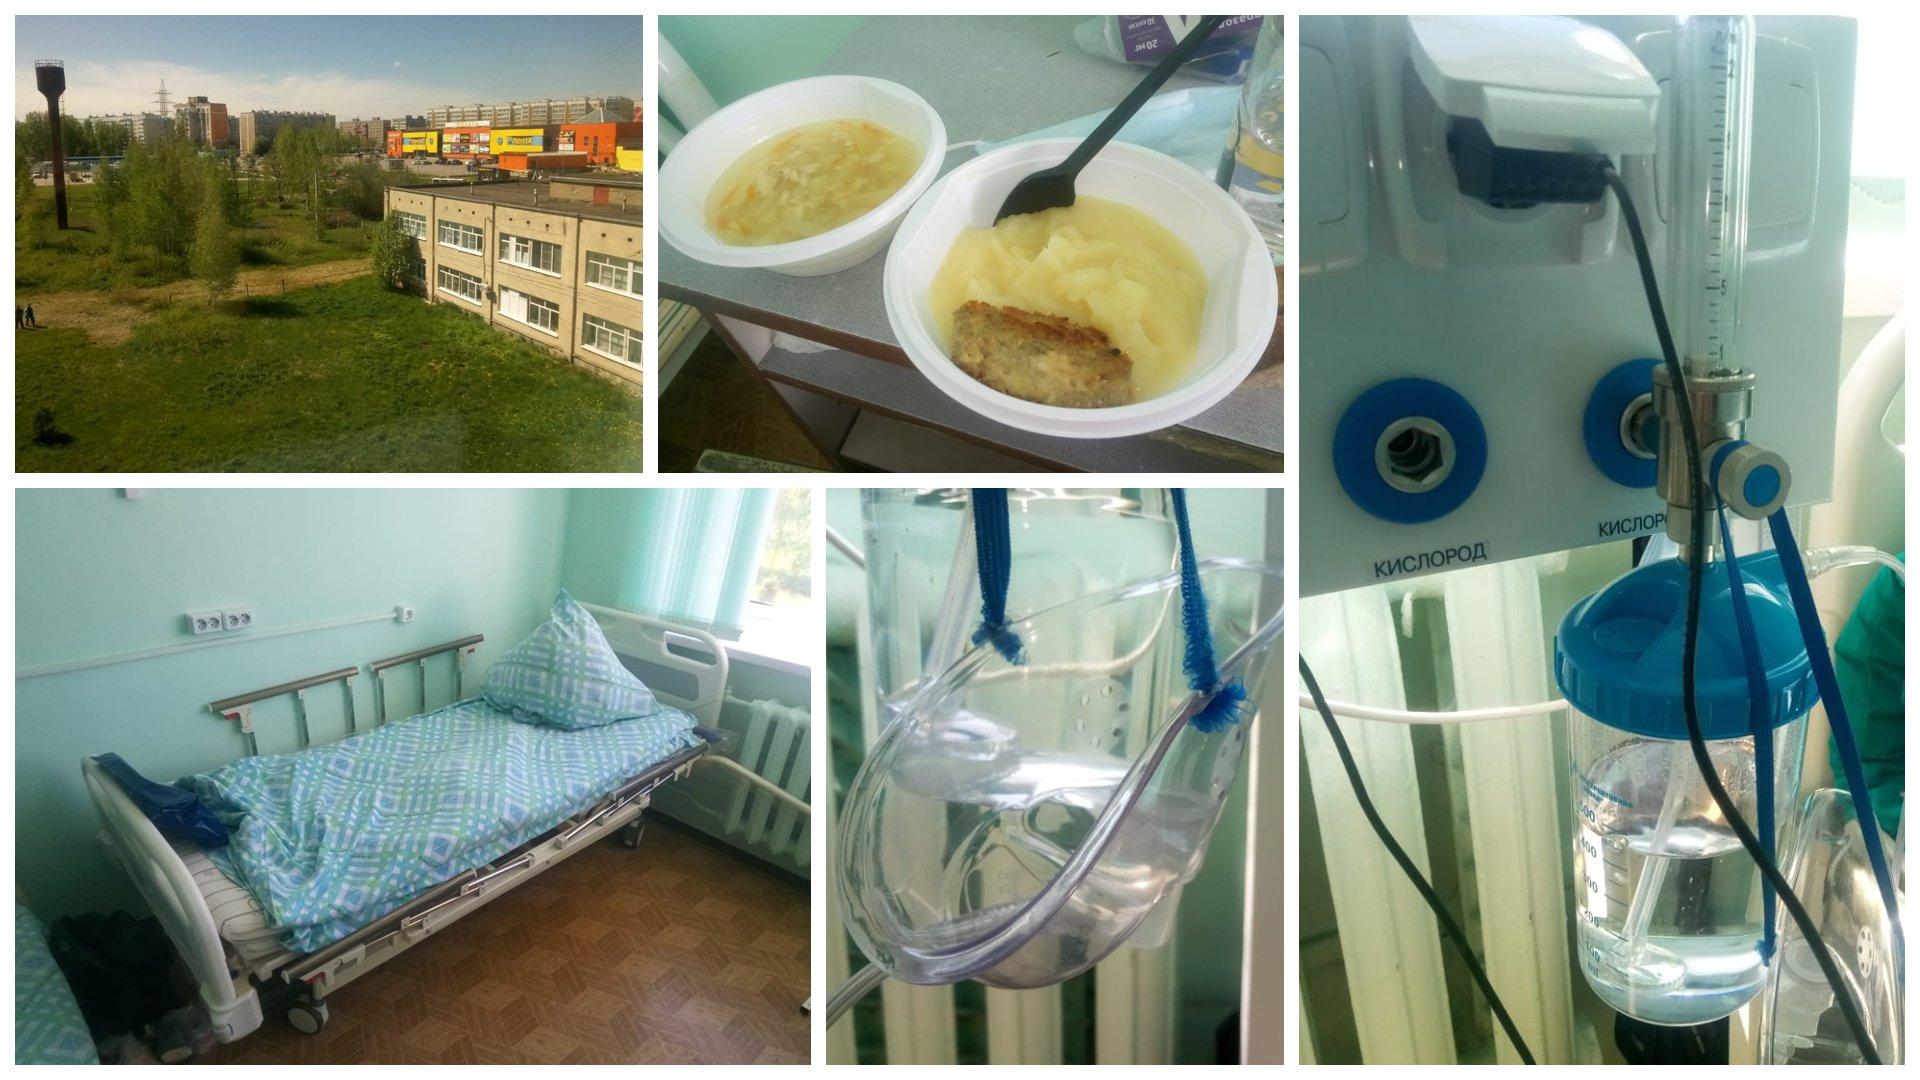 Жизнь с диагнозом «covid-19». Эксклюзивное интервью пациента второй окружной больницы Костромы